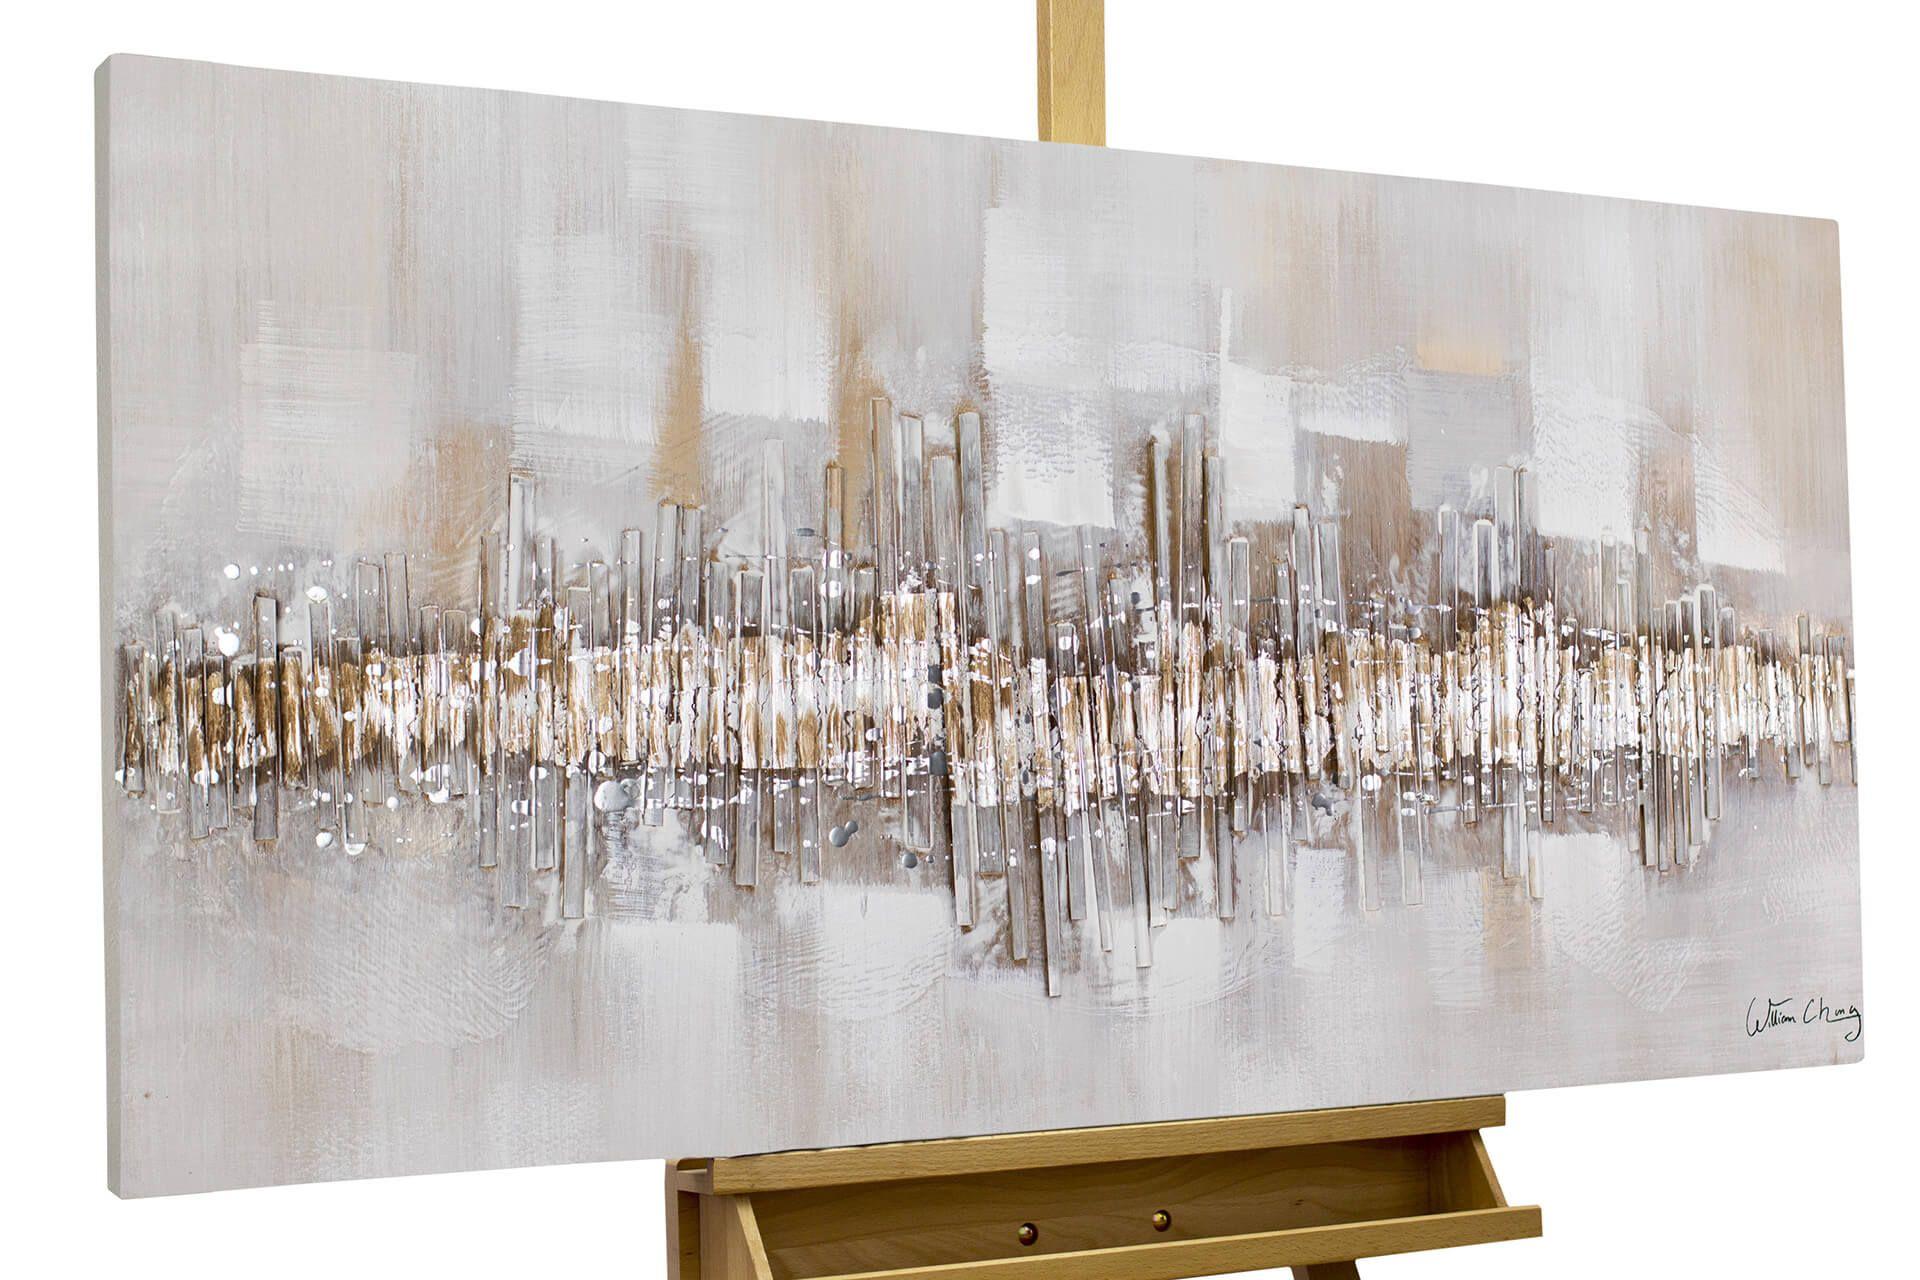 handgemaltes acryl bild 120x60cm leinwand abstrakt bran grau beige versandkostenfrei 100 tage ruckgaberecht e handgemalte bilder gemalde 90x60 oder poster